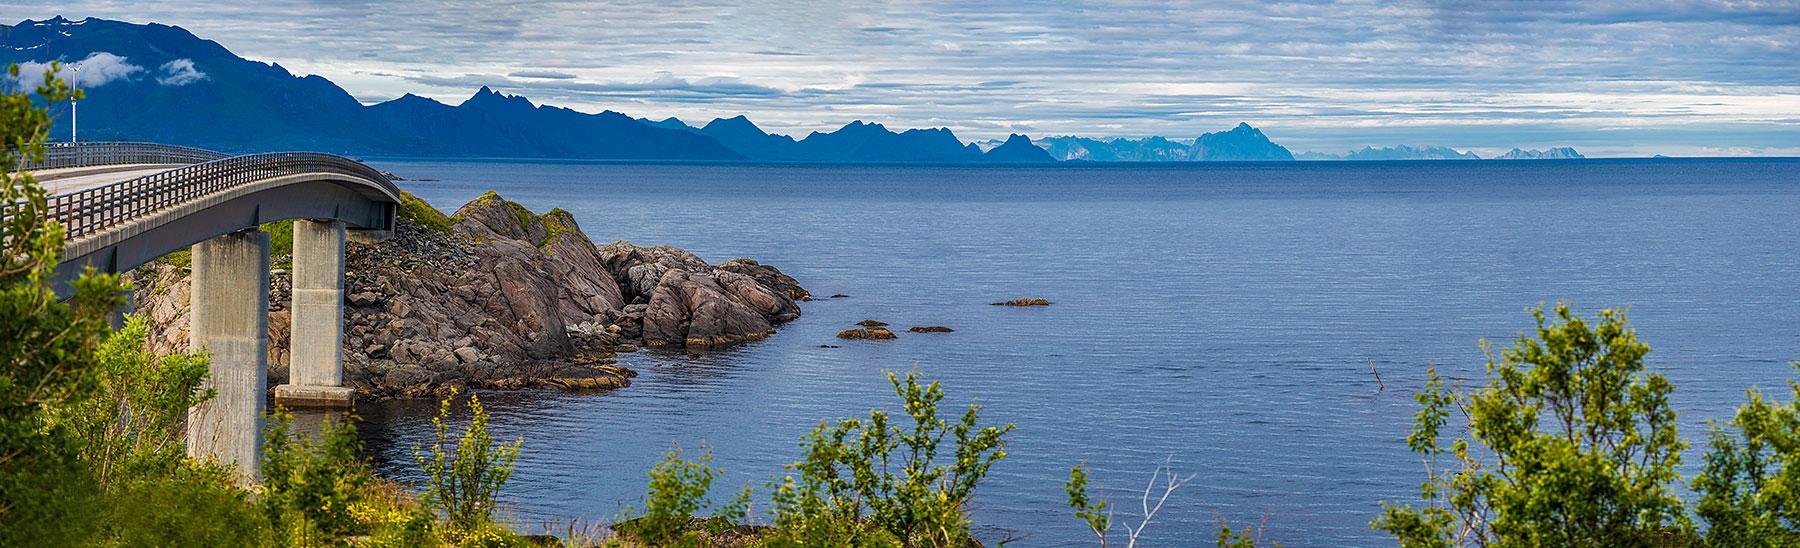 Лофотены, Офферсойкаммен и пляжи 3962|Панорама моста Дьюфьорд